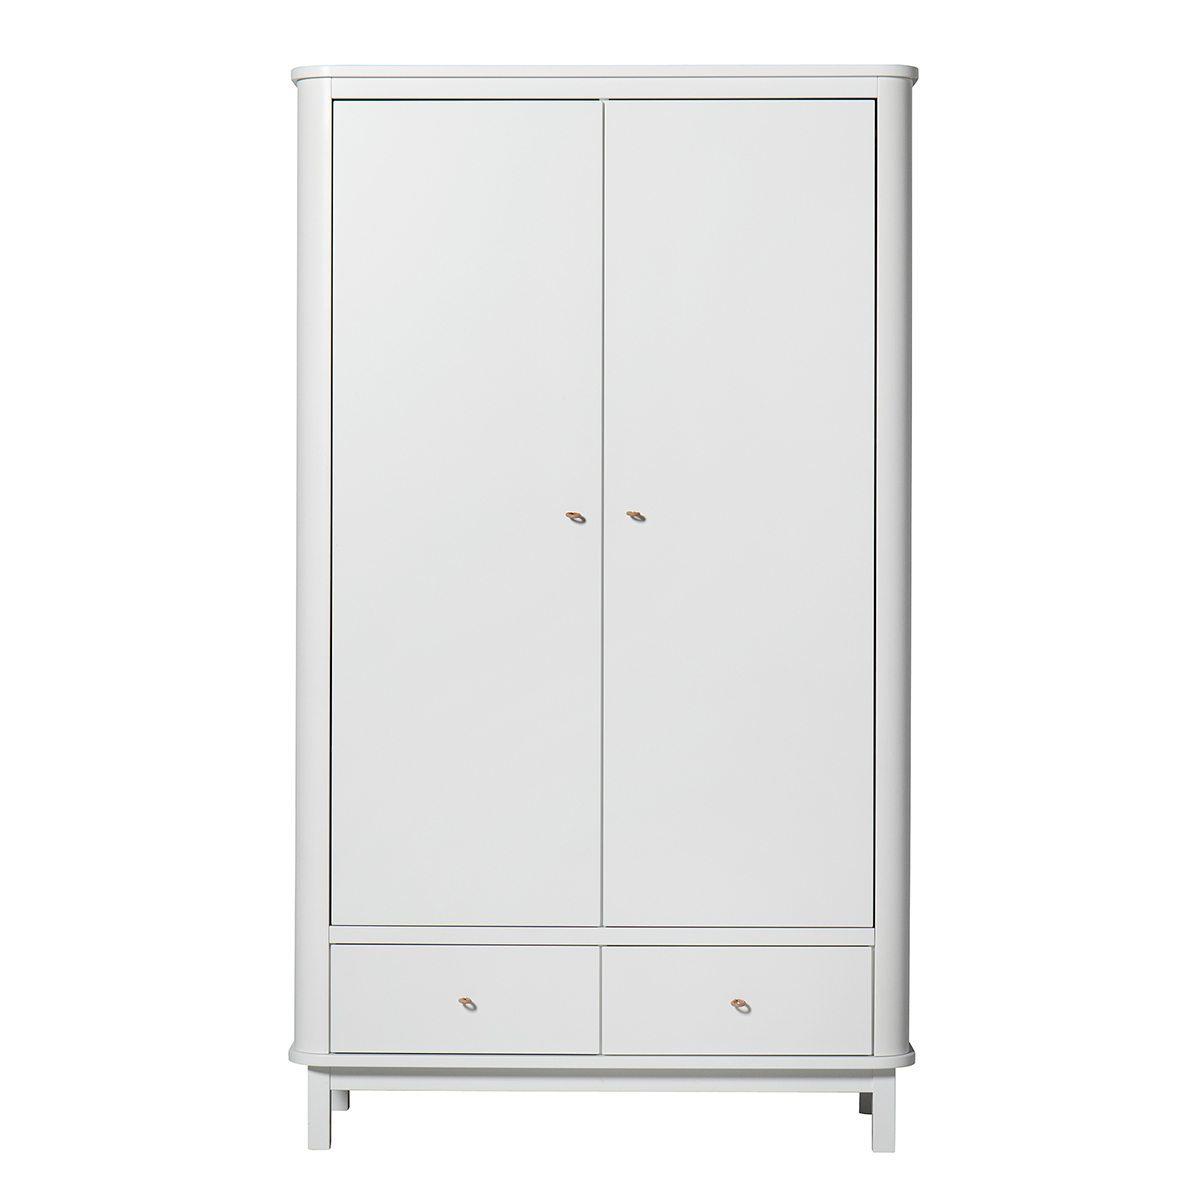 Oliver Furniture – Wood Kinderkledingkast 2 deuren – Wit